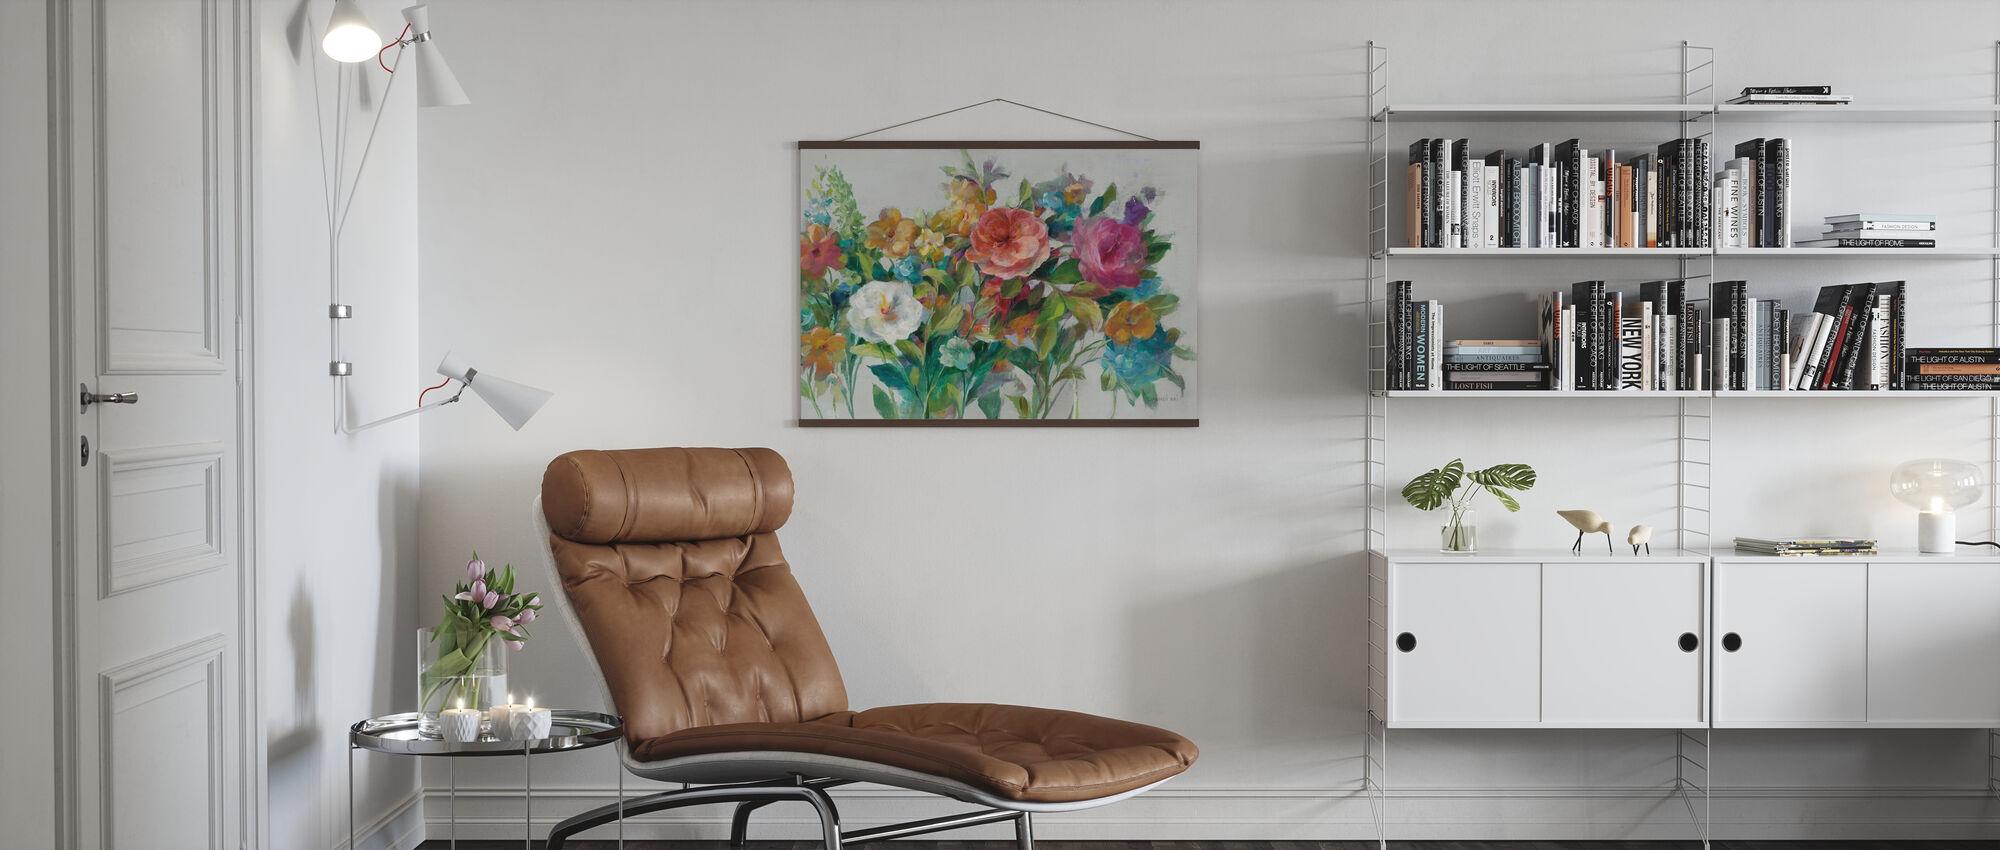 Land Blommorna Neutral - Poster - Vardagsrum